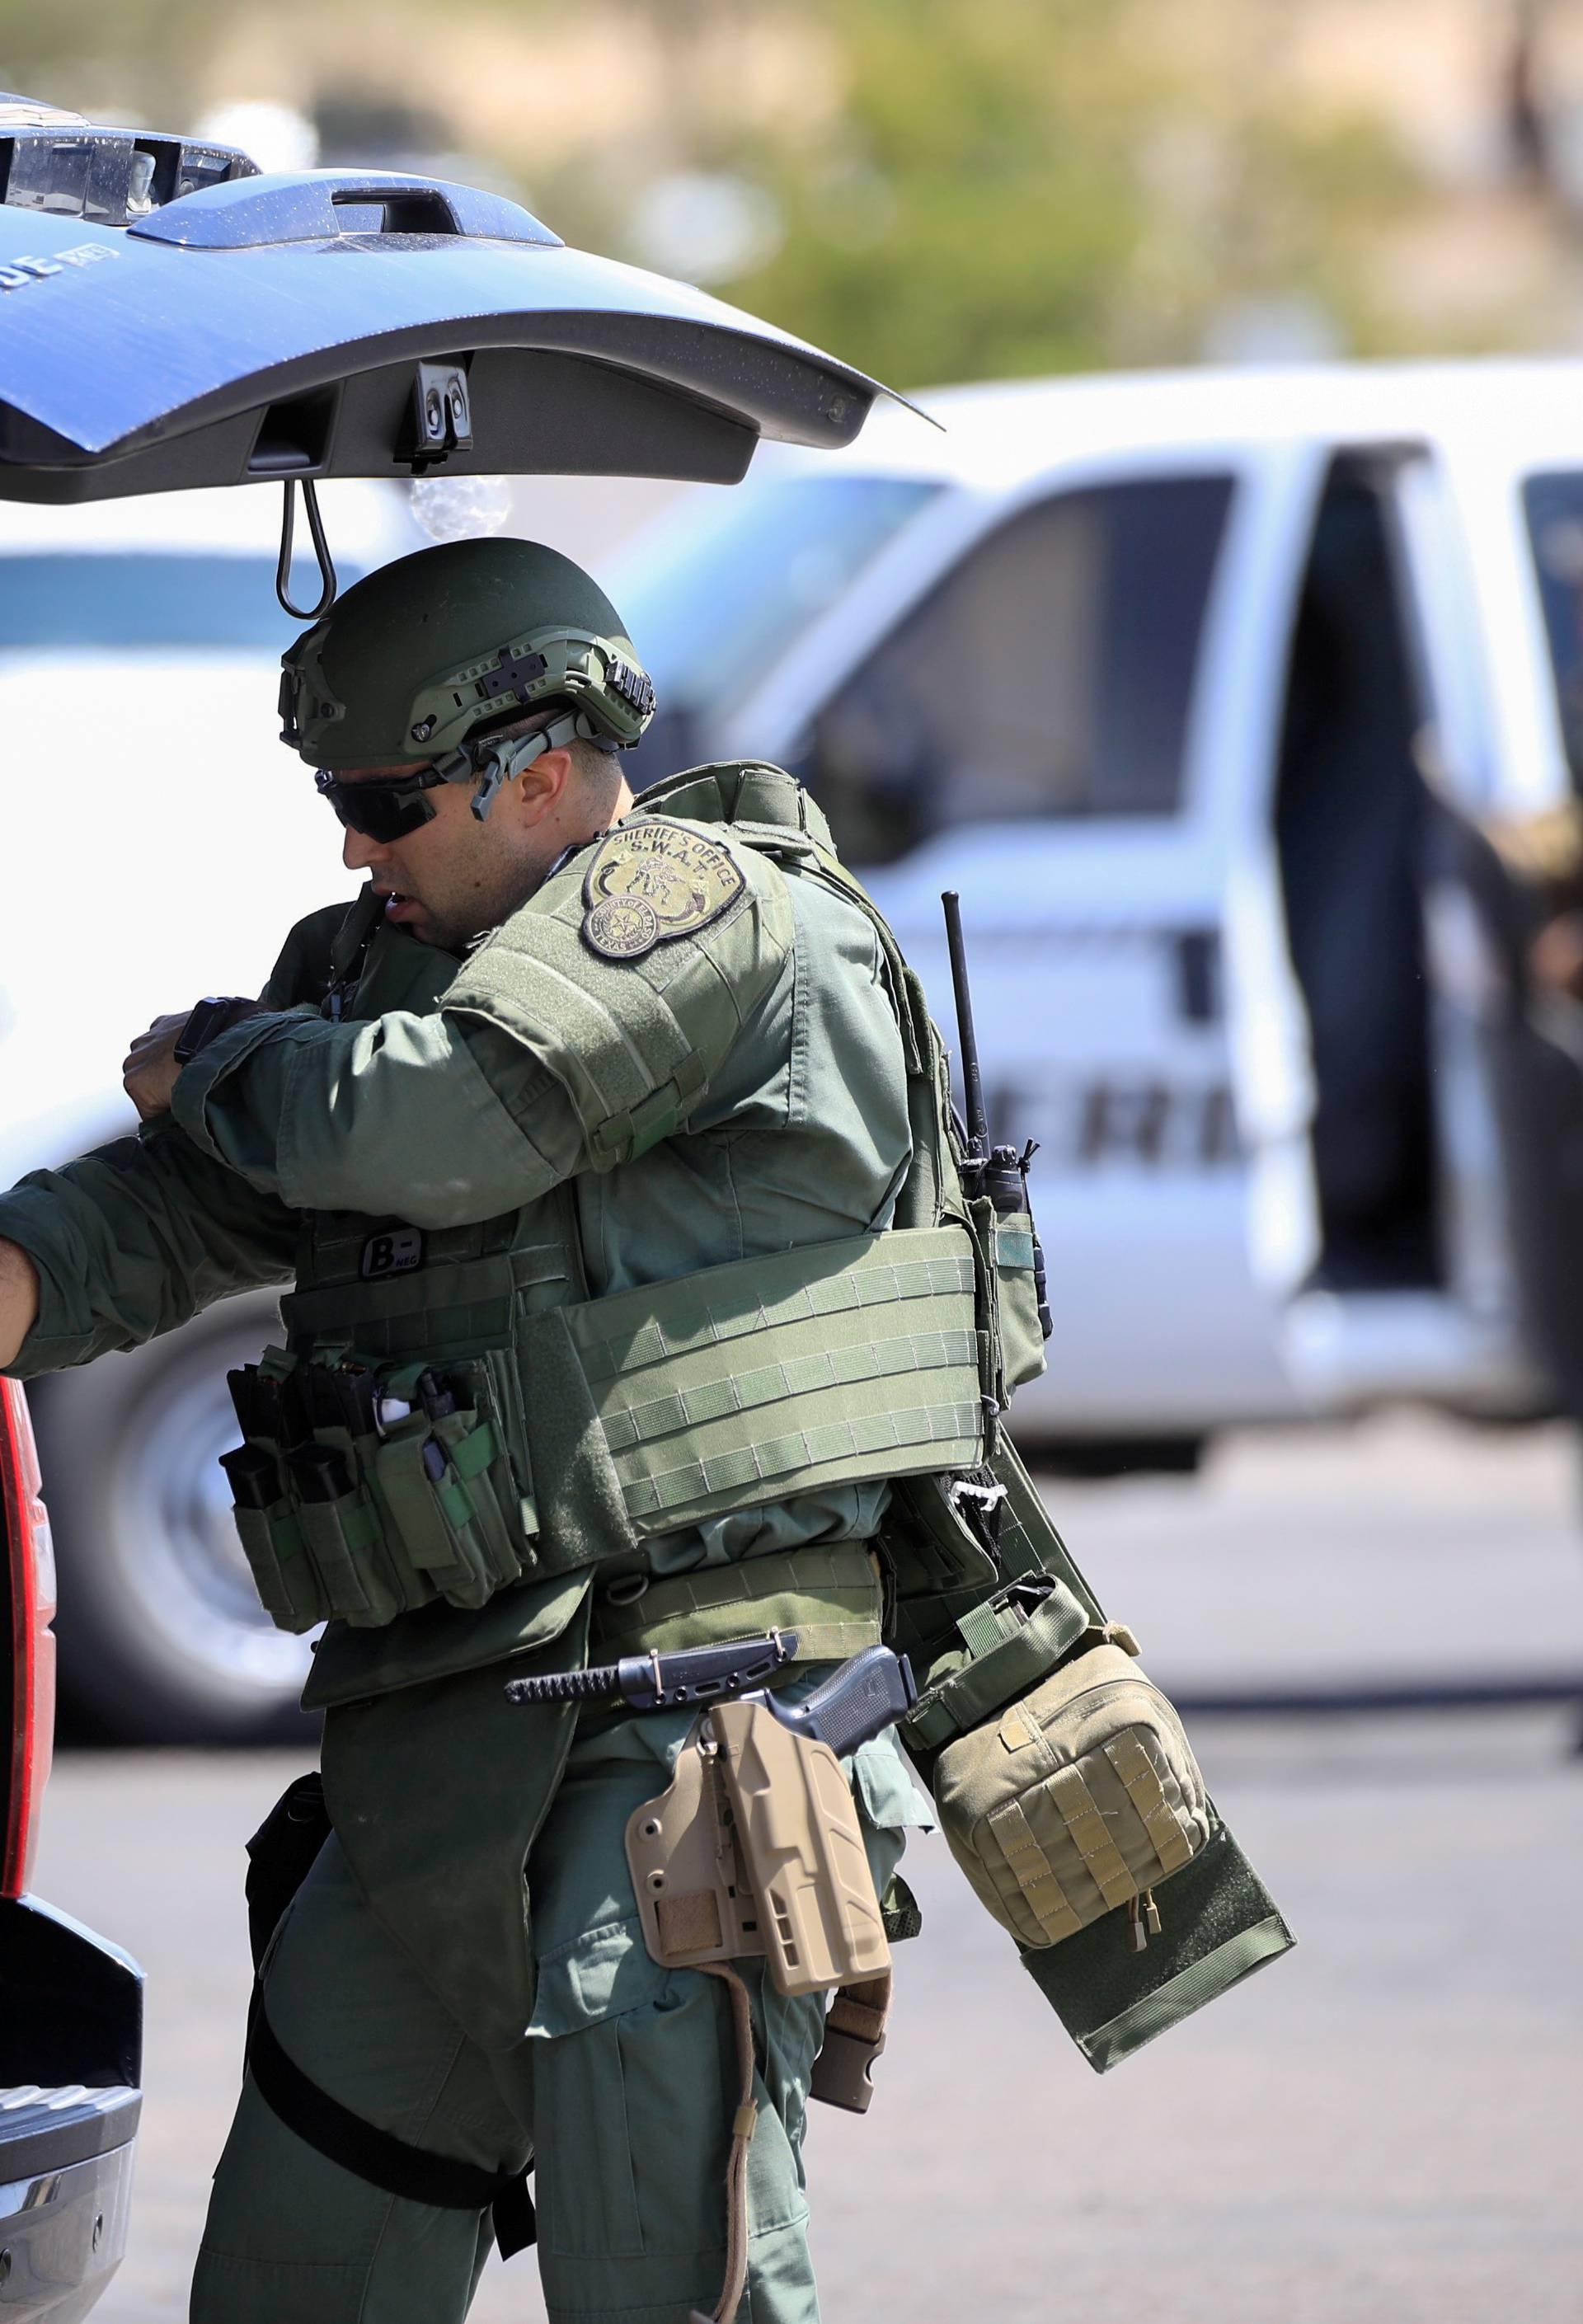 Ubojica imao manifest: Govori o 'invaziji' Latinoamerikanaca